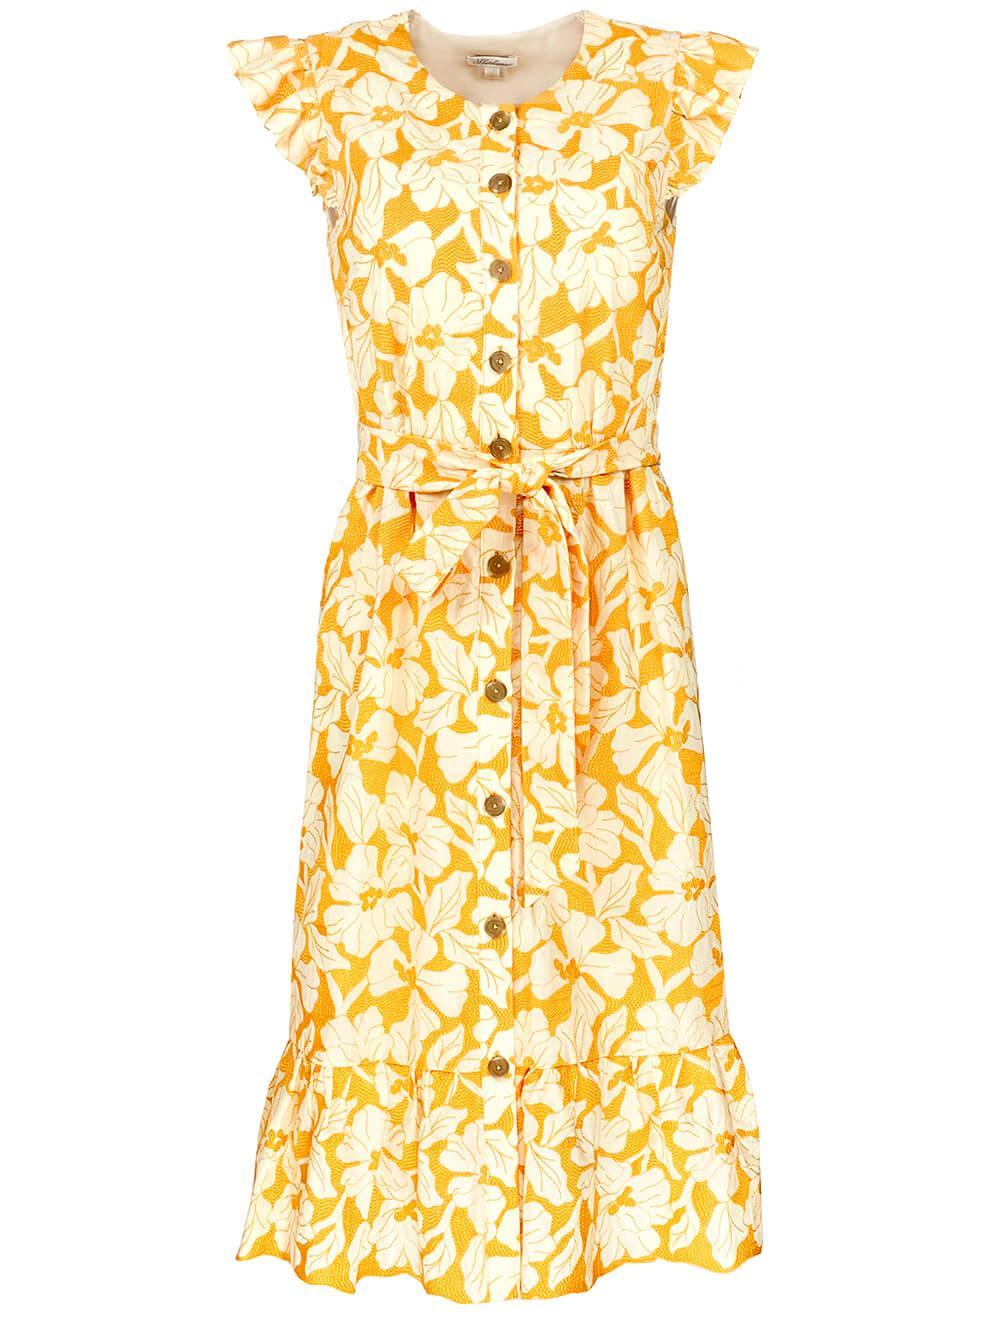 Della Embroidered Cotton Dress